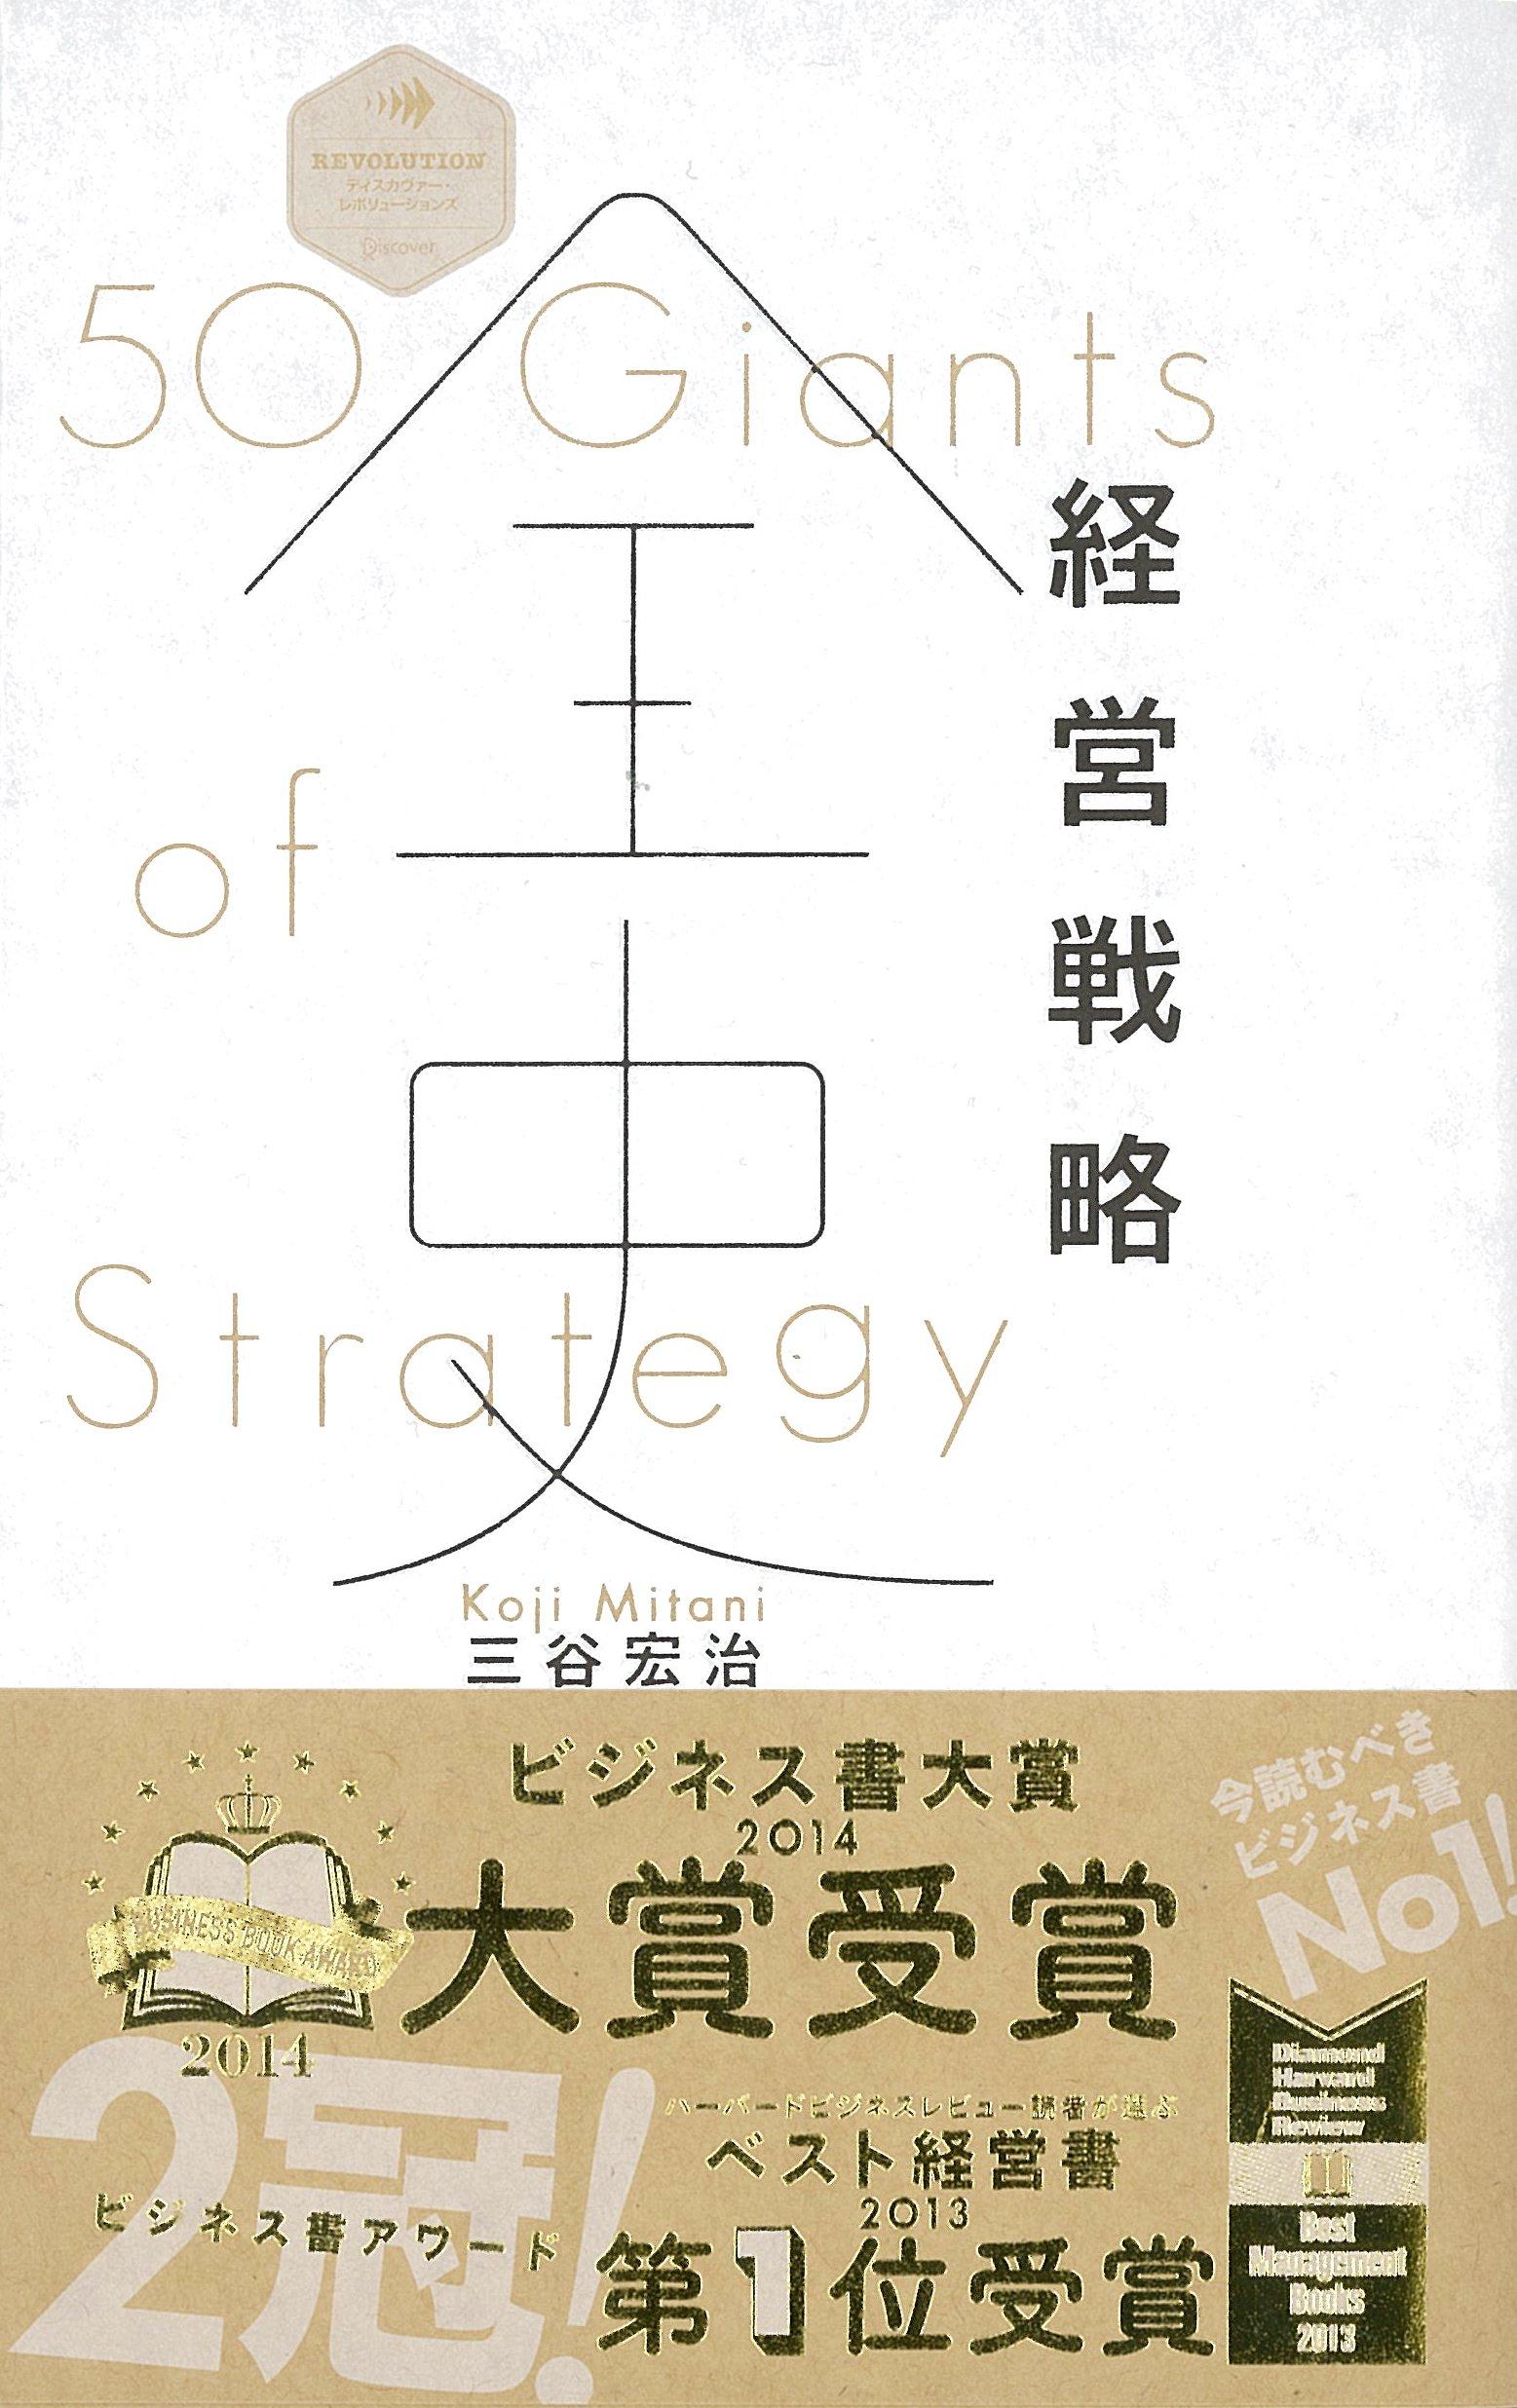 経営戦略とは何か? 分かりやすく基本、特徴、事例を押さえるおすすめ本5選